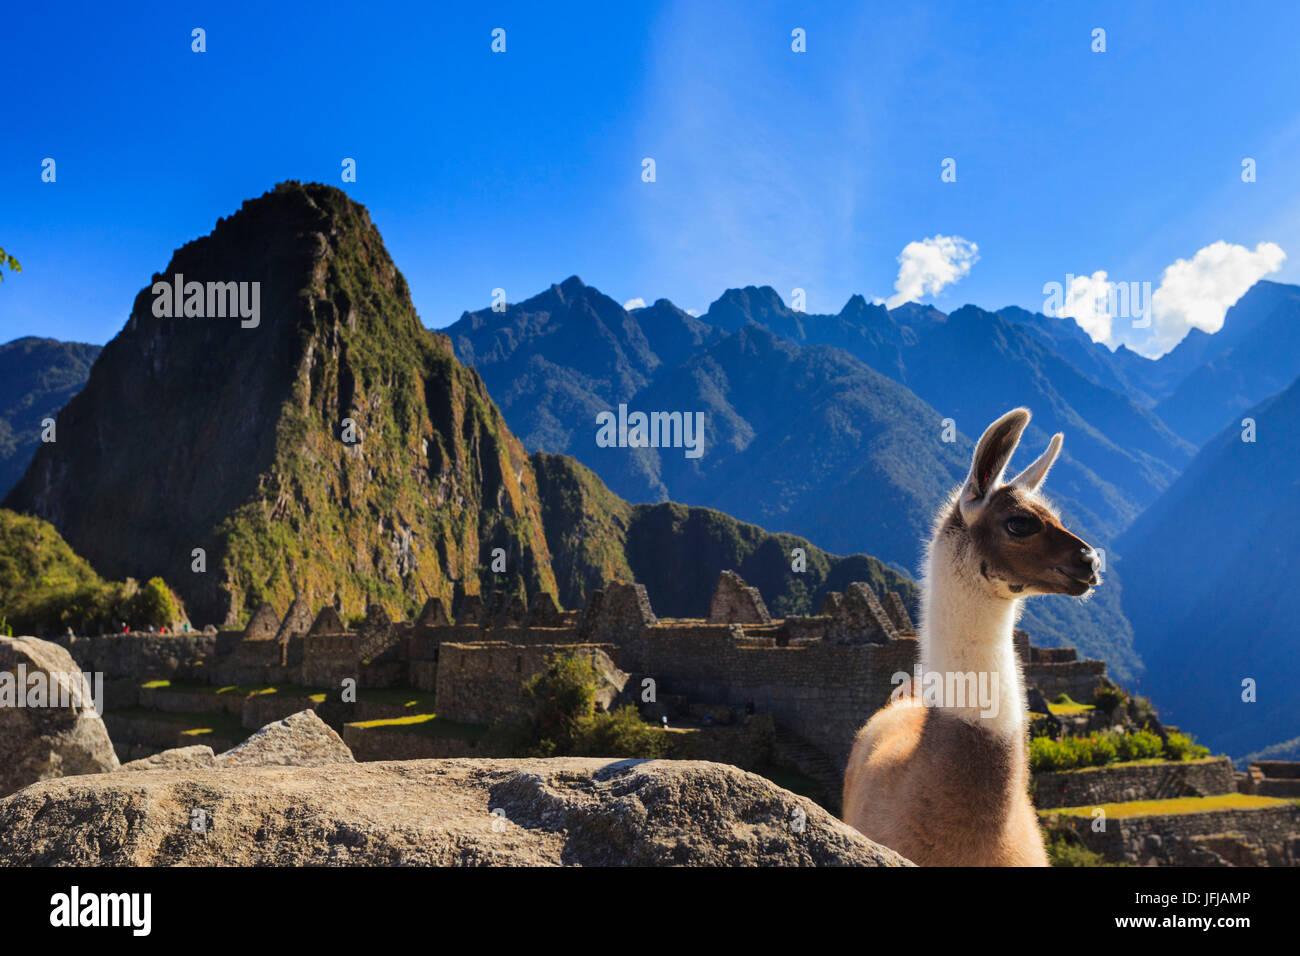 Llama au célèbre site archéologique de Machu Picchu dans la région de Cuzco, la Province d'Urubamba, Photo Stock